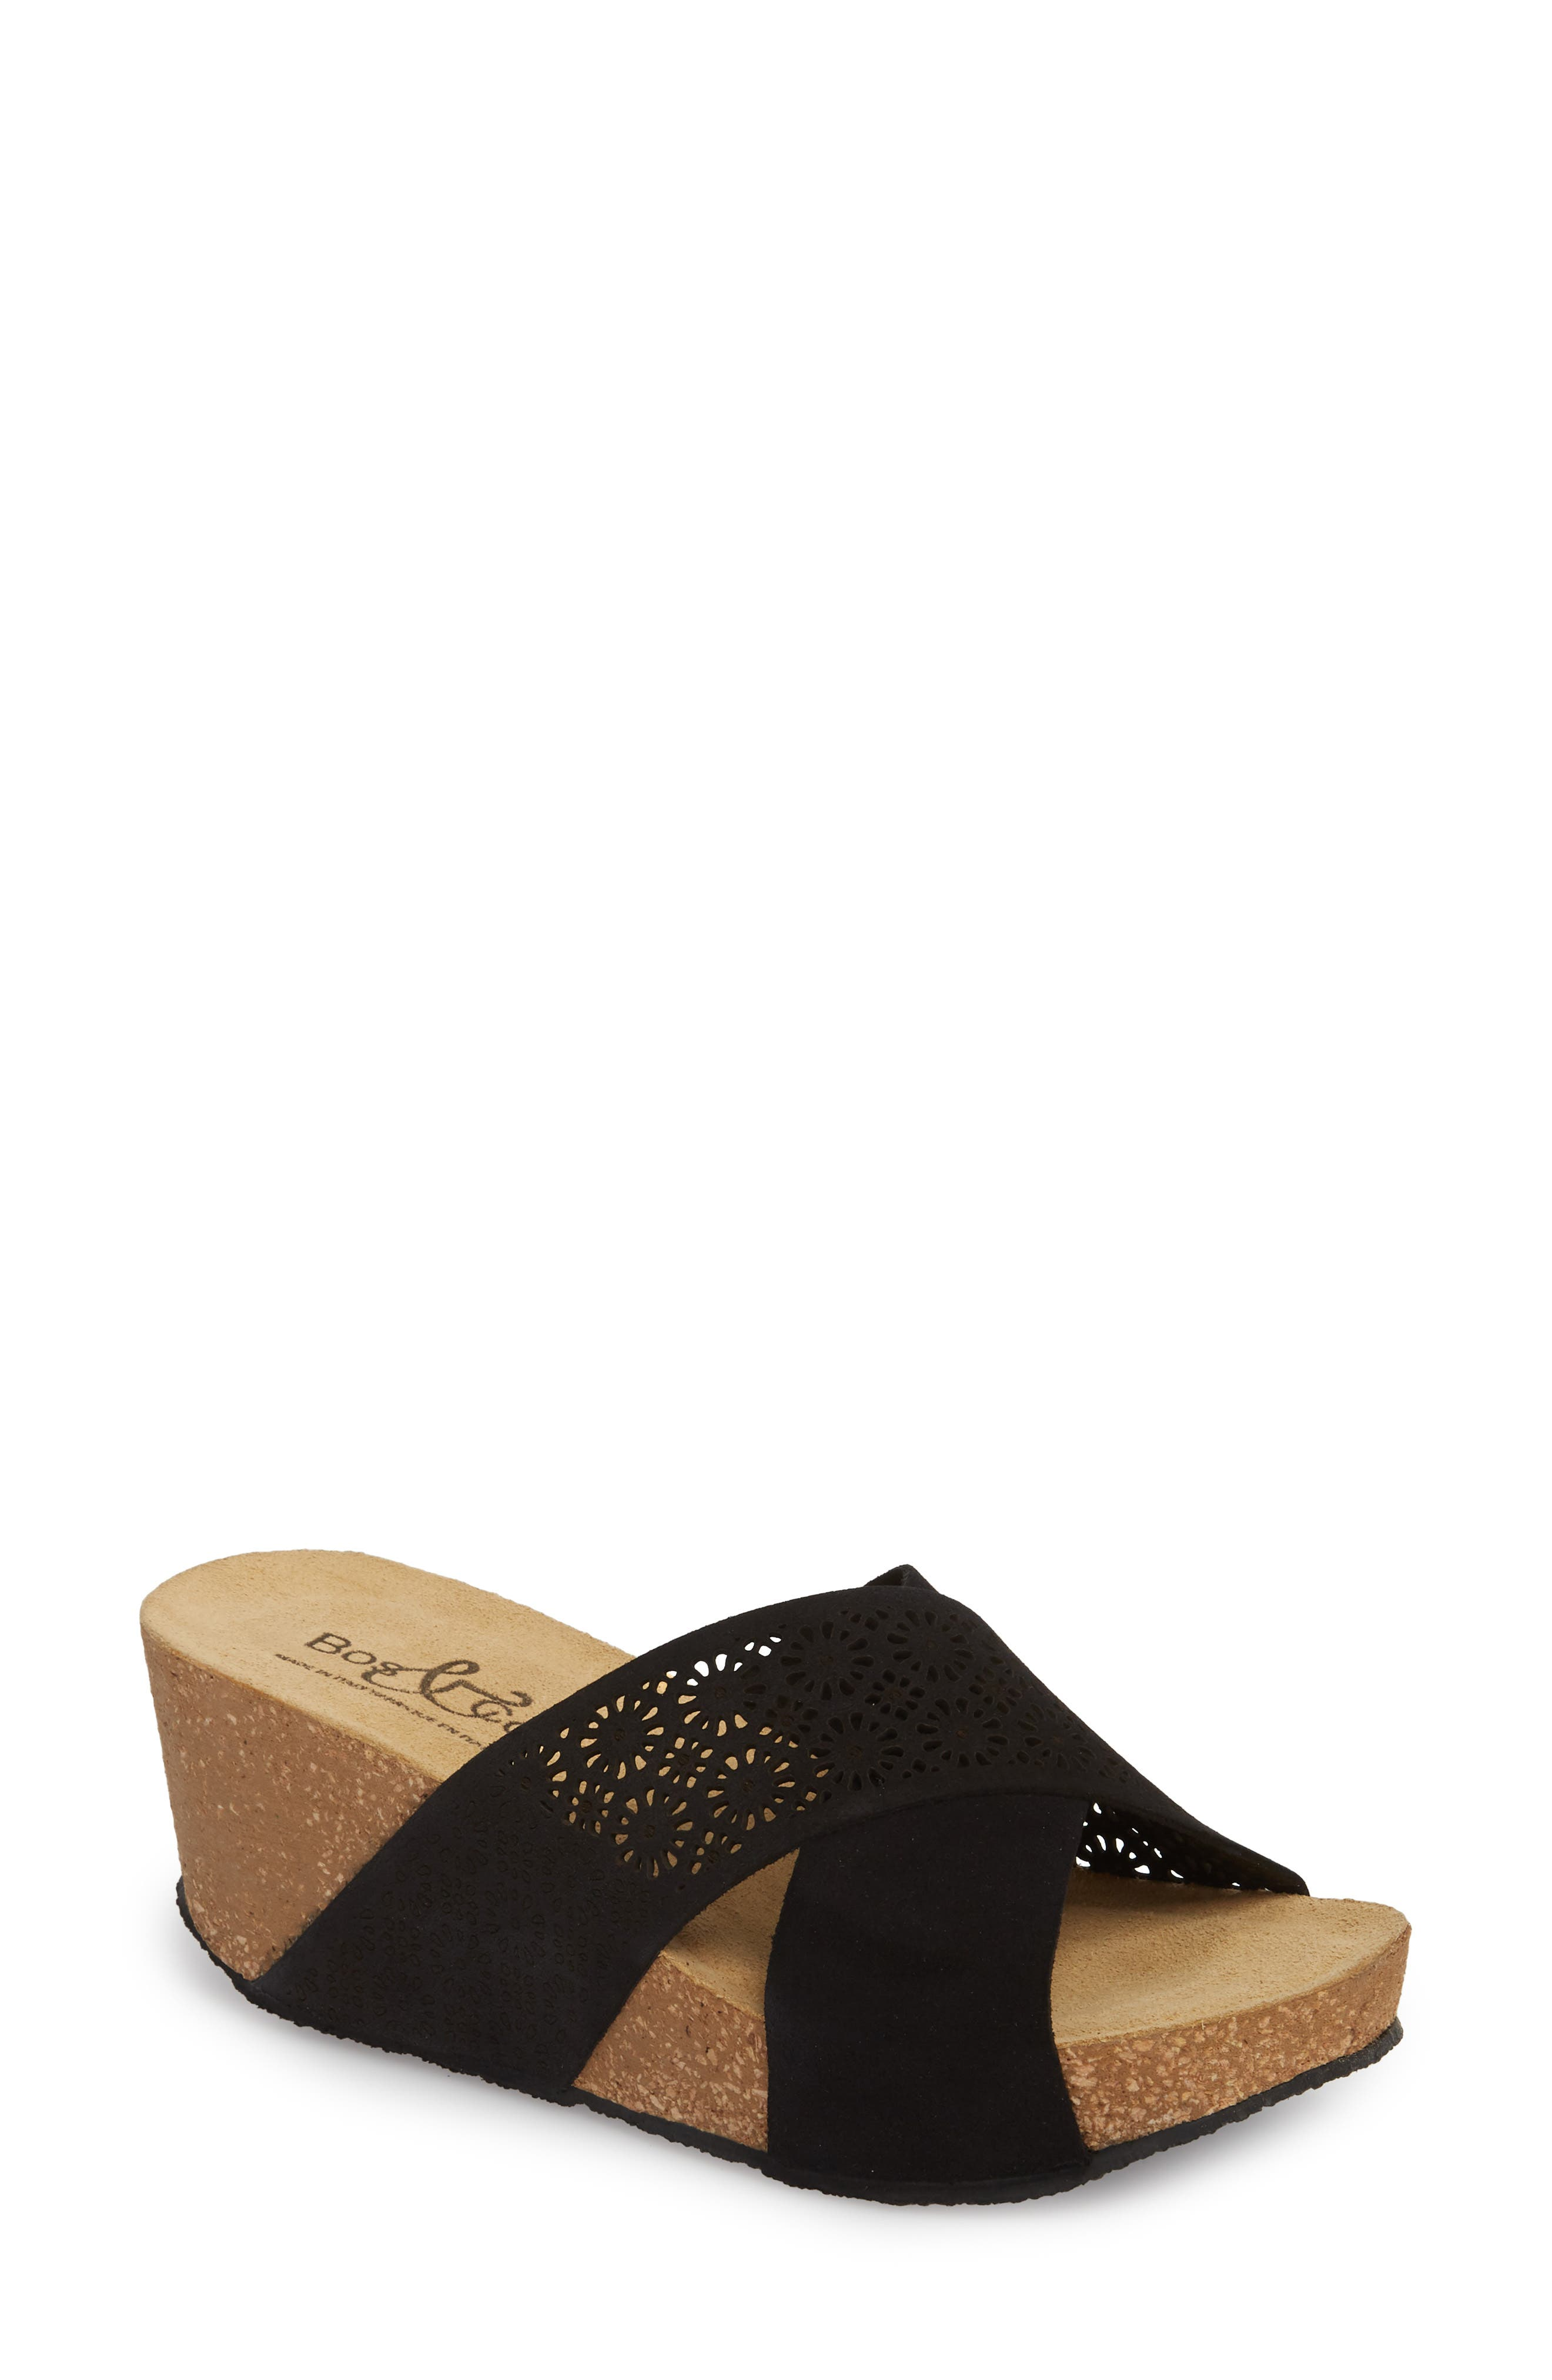 Bos. & Co. Lomi Platform Wedge Slide Sandal, Black